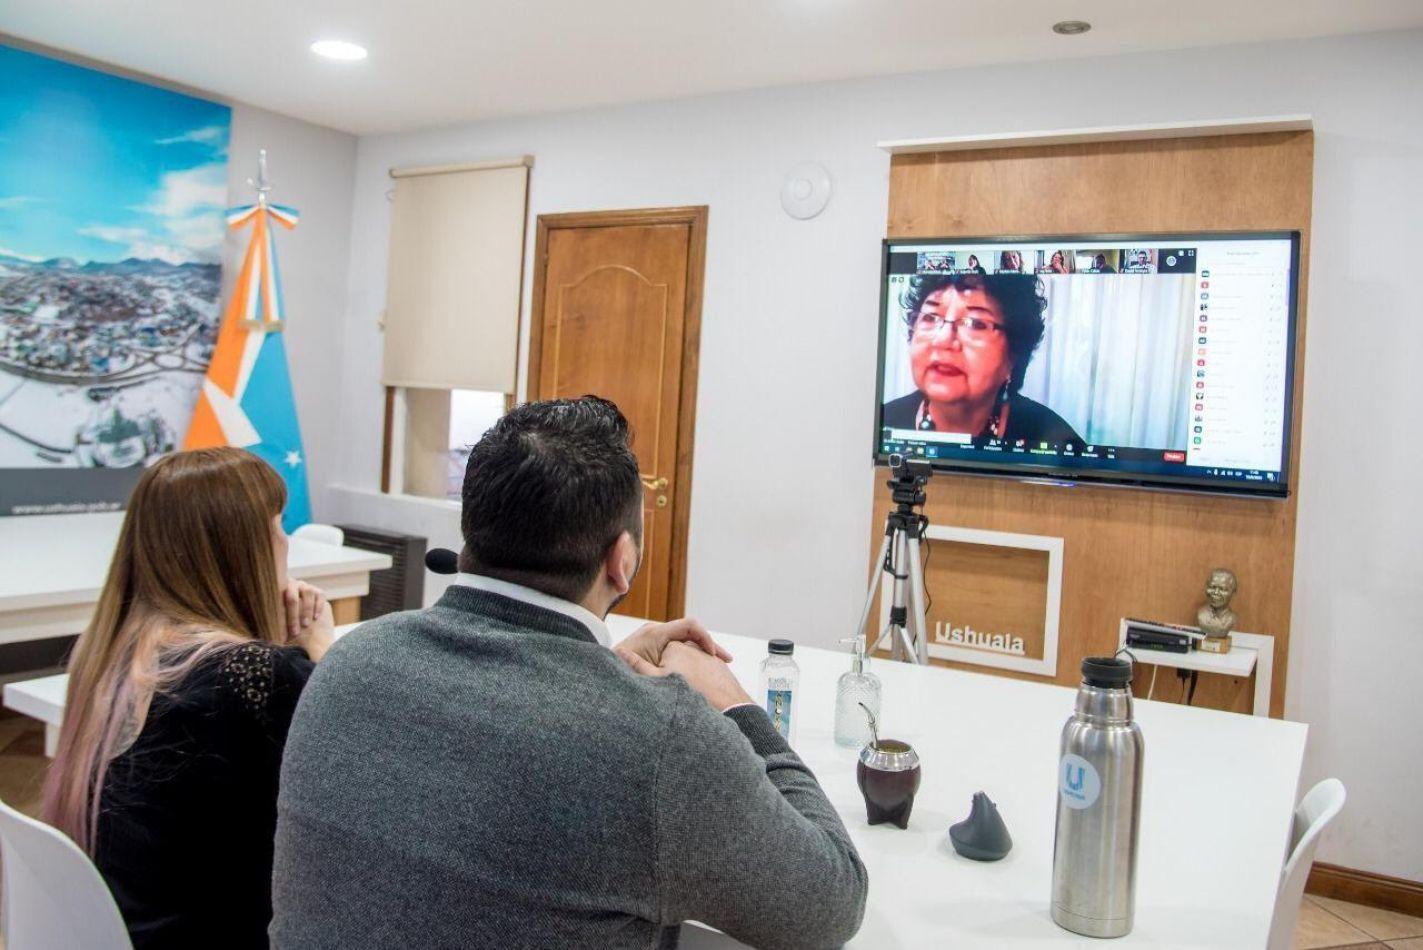 El Intendente Walter Vuoto participó como un funcionario más, escuchando la disertación de Dora Barrancos.